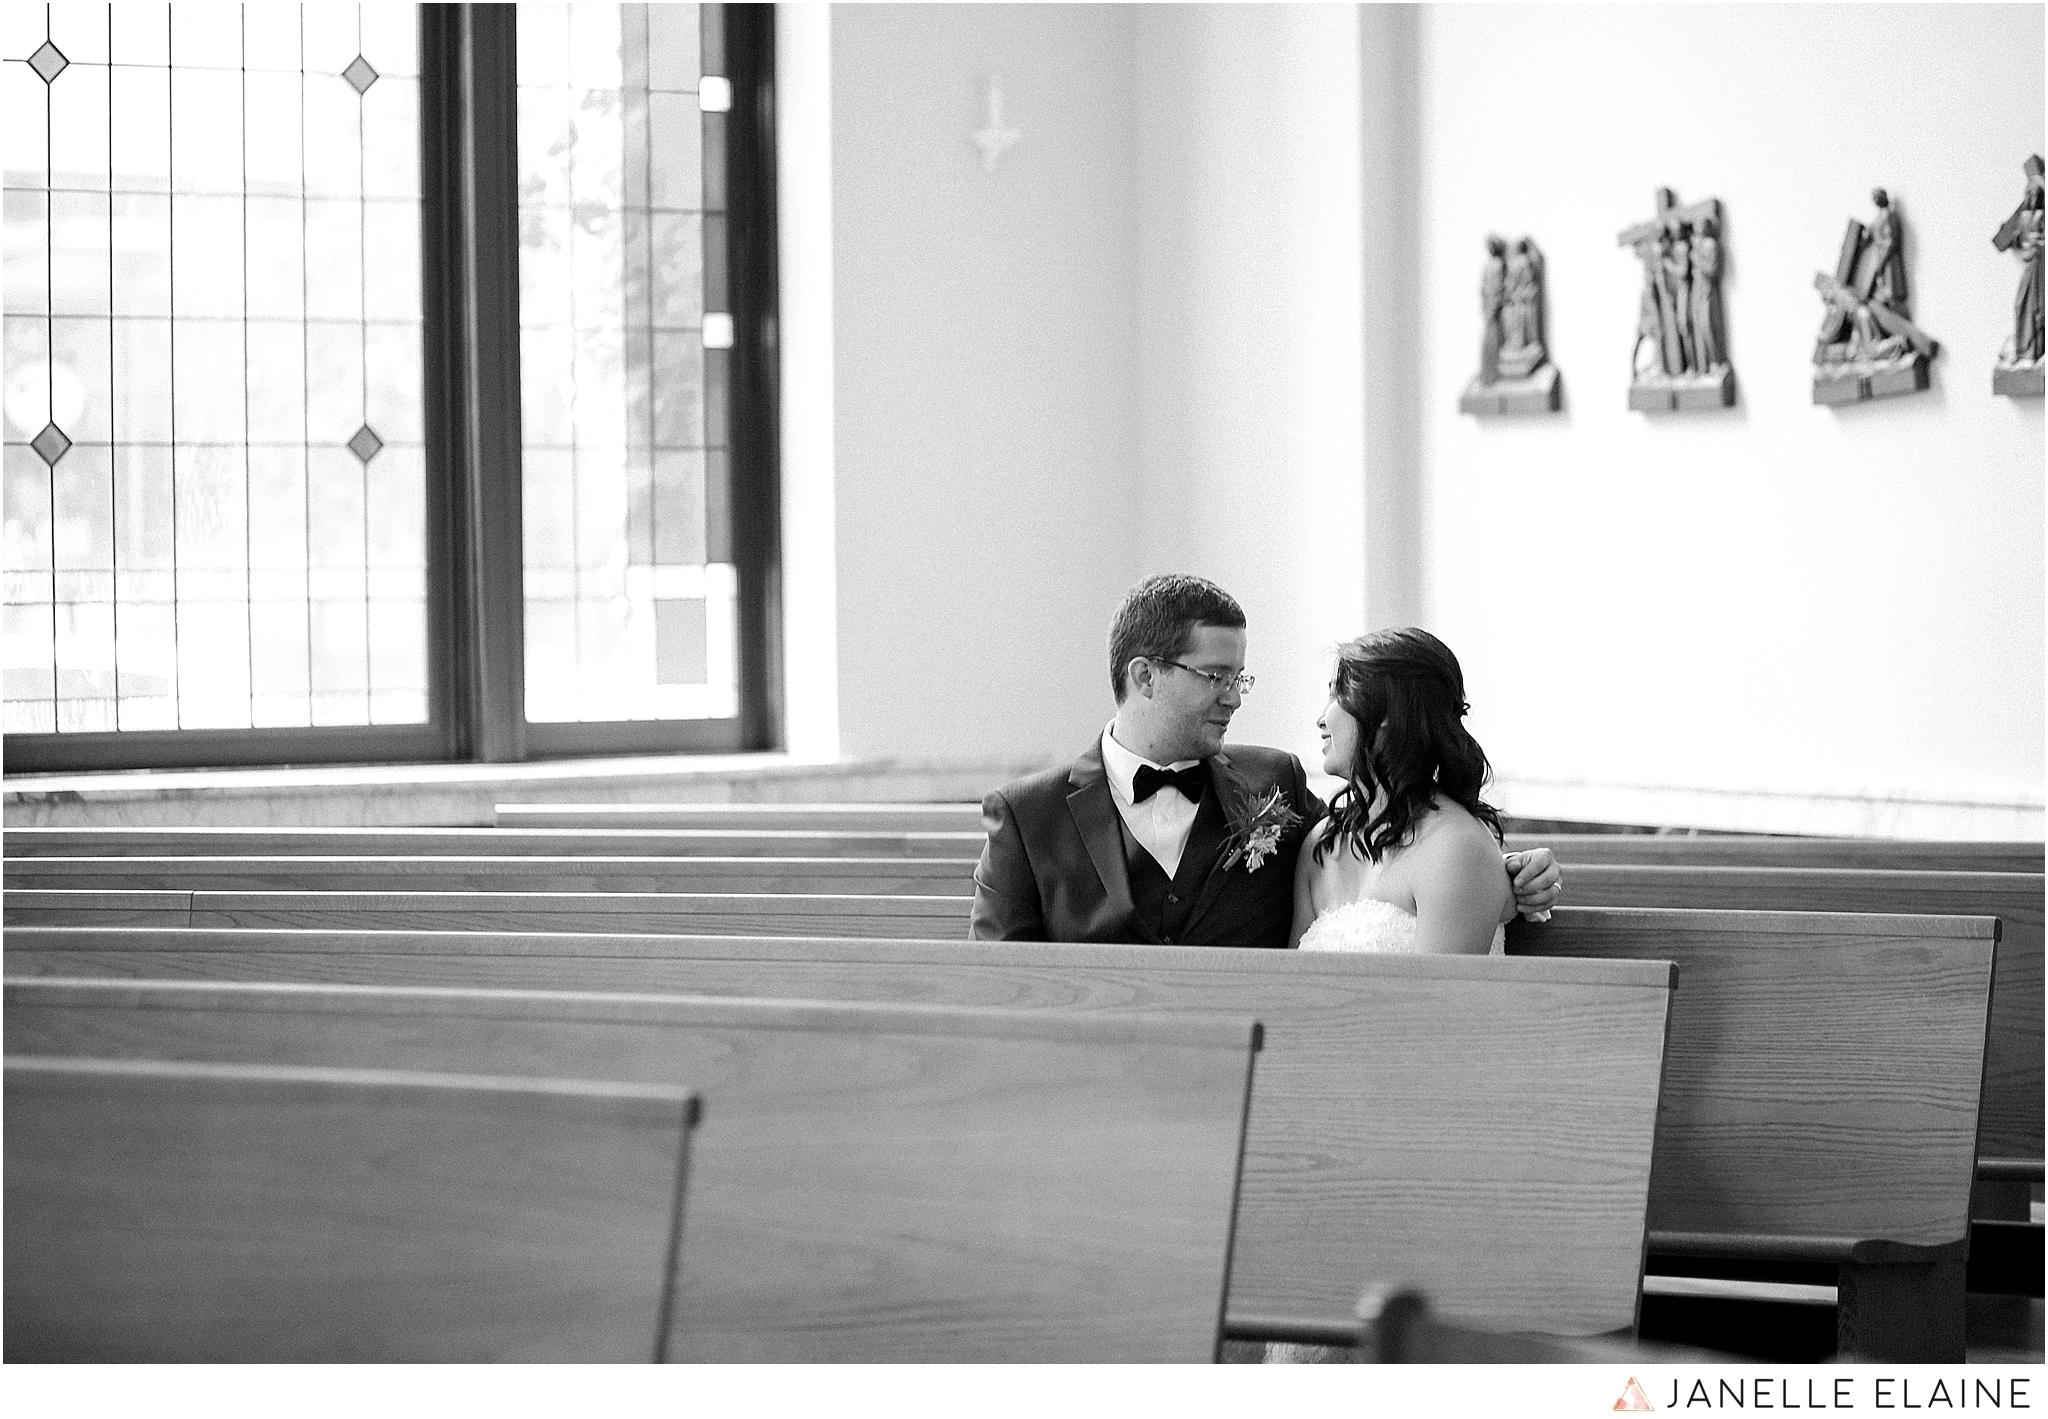 janelle elaine photography-professional wedding photographer seattle--61.jpg